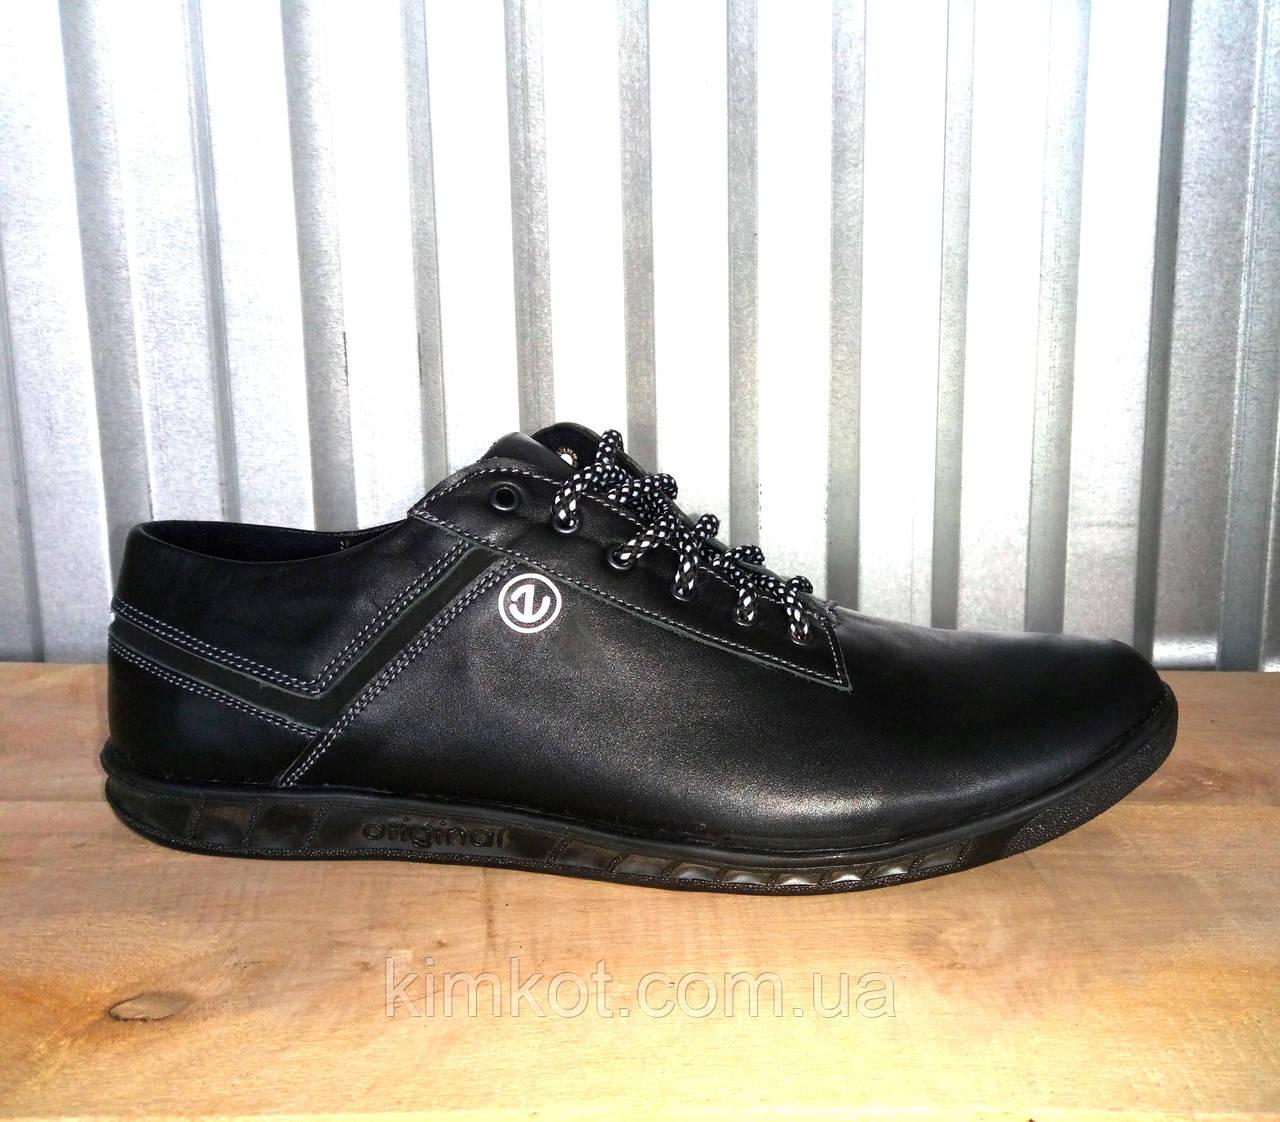 Мужские кожаные кроссовки кеды ECCO большие размеры 46-48 р-р, фото 1 e129552e29d